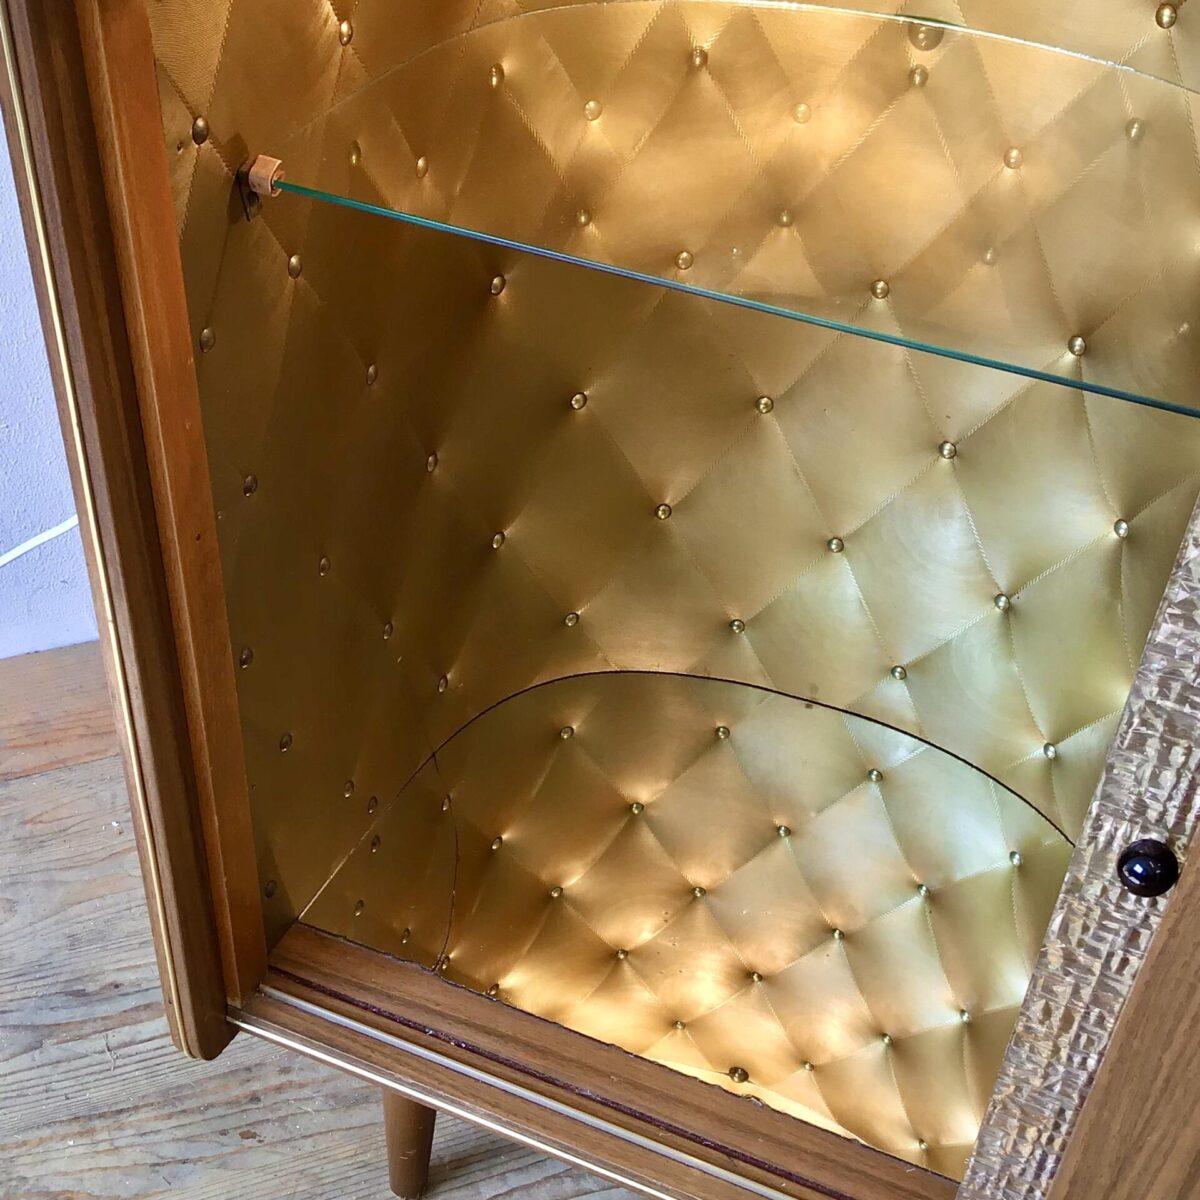 Vintage Sideboard 84.5cm x 41cm Höhe 74cm. Hinter der Plexiglas-Schiebetür ist das Möbel mit goldigem Stoff ausgekleidet. Am Boden hat es einen Spiegel und von oben bringt eine kleine Lampe Licht in die Vitrine. Die rechte Hälfte der Kommode bietet etwas Stauraum mit einem Tablar. Messing Türgriff mit sonnenartiger Verzierung. Der Spiegel auf dem Vitrinen Boden hat einen Riss und die Vorderkante ist etwas verfressen. Ansonsten in stabilem, funktionalen Zustand.